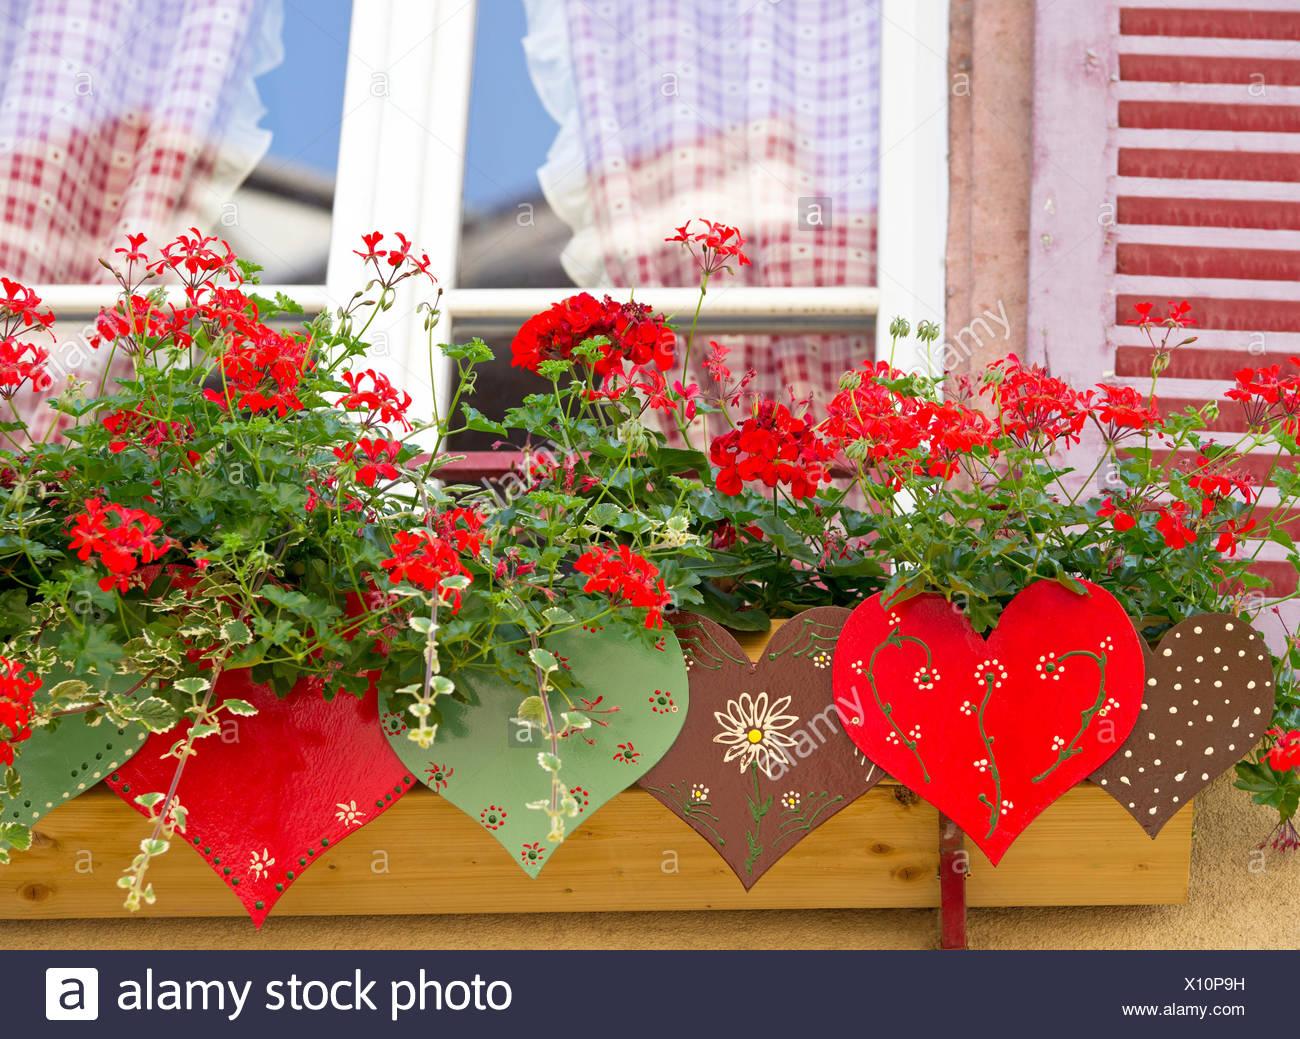 Fenster, Blumenkasten, Geranie Stockfoto, Bild: 275998061 - Alamy